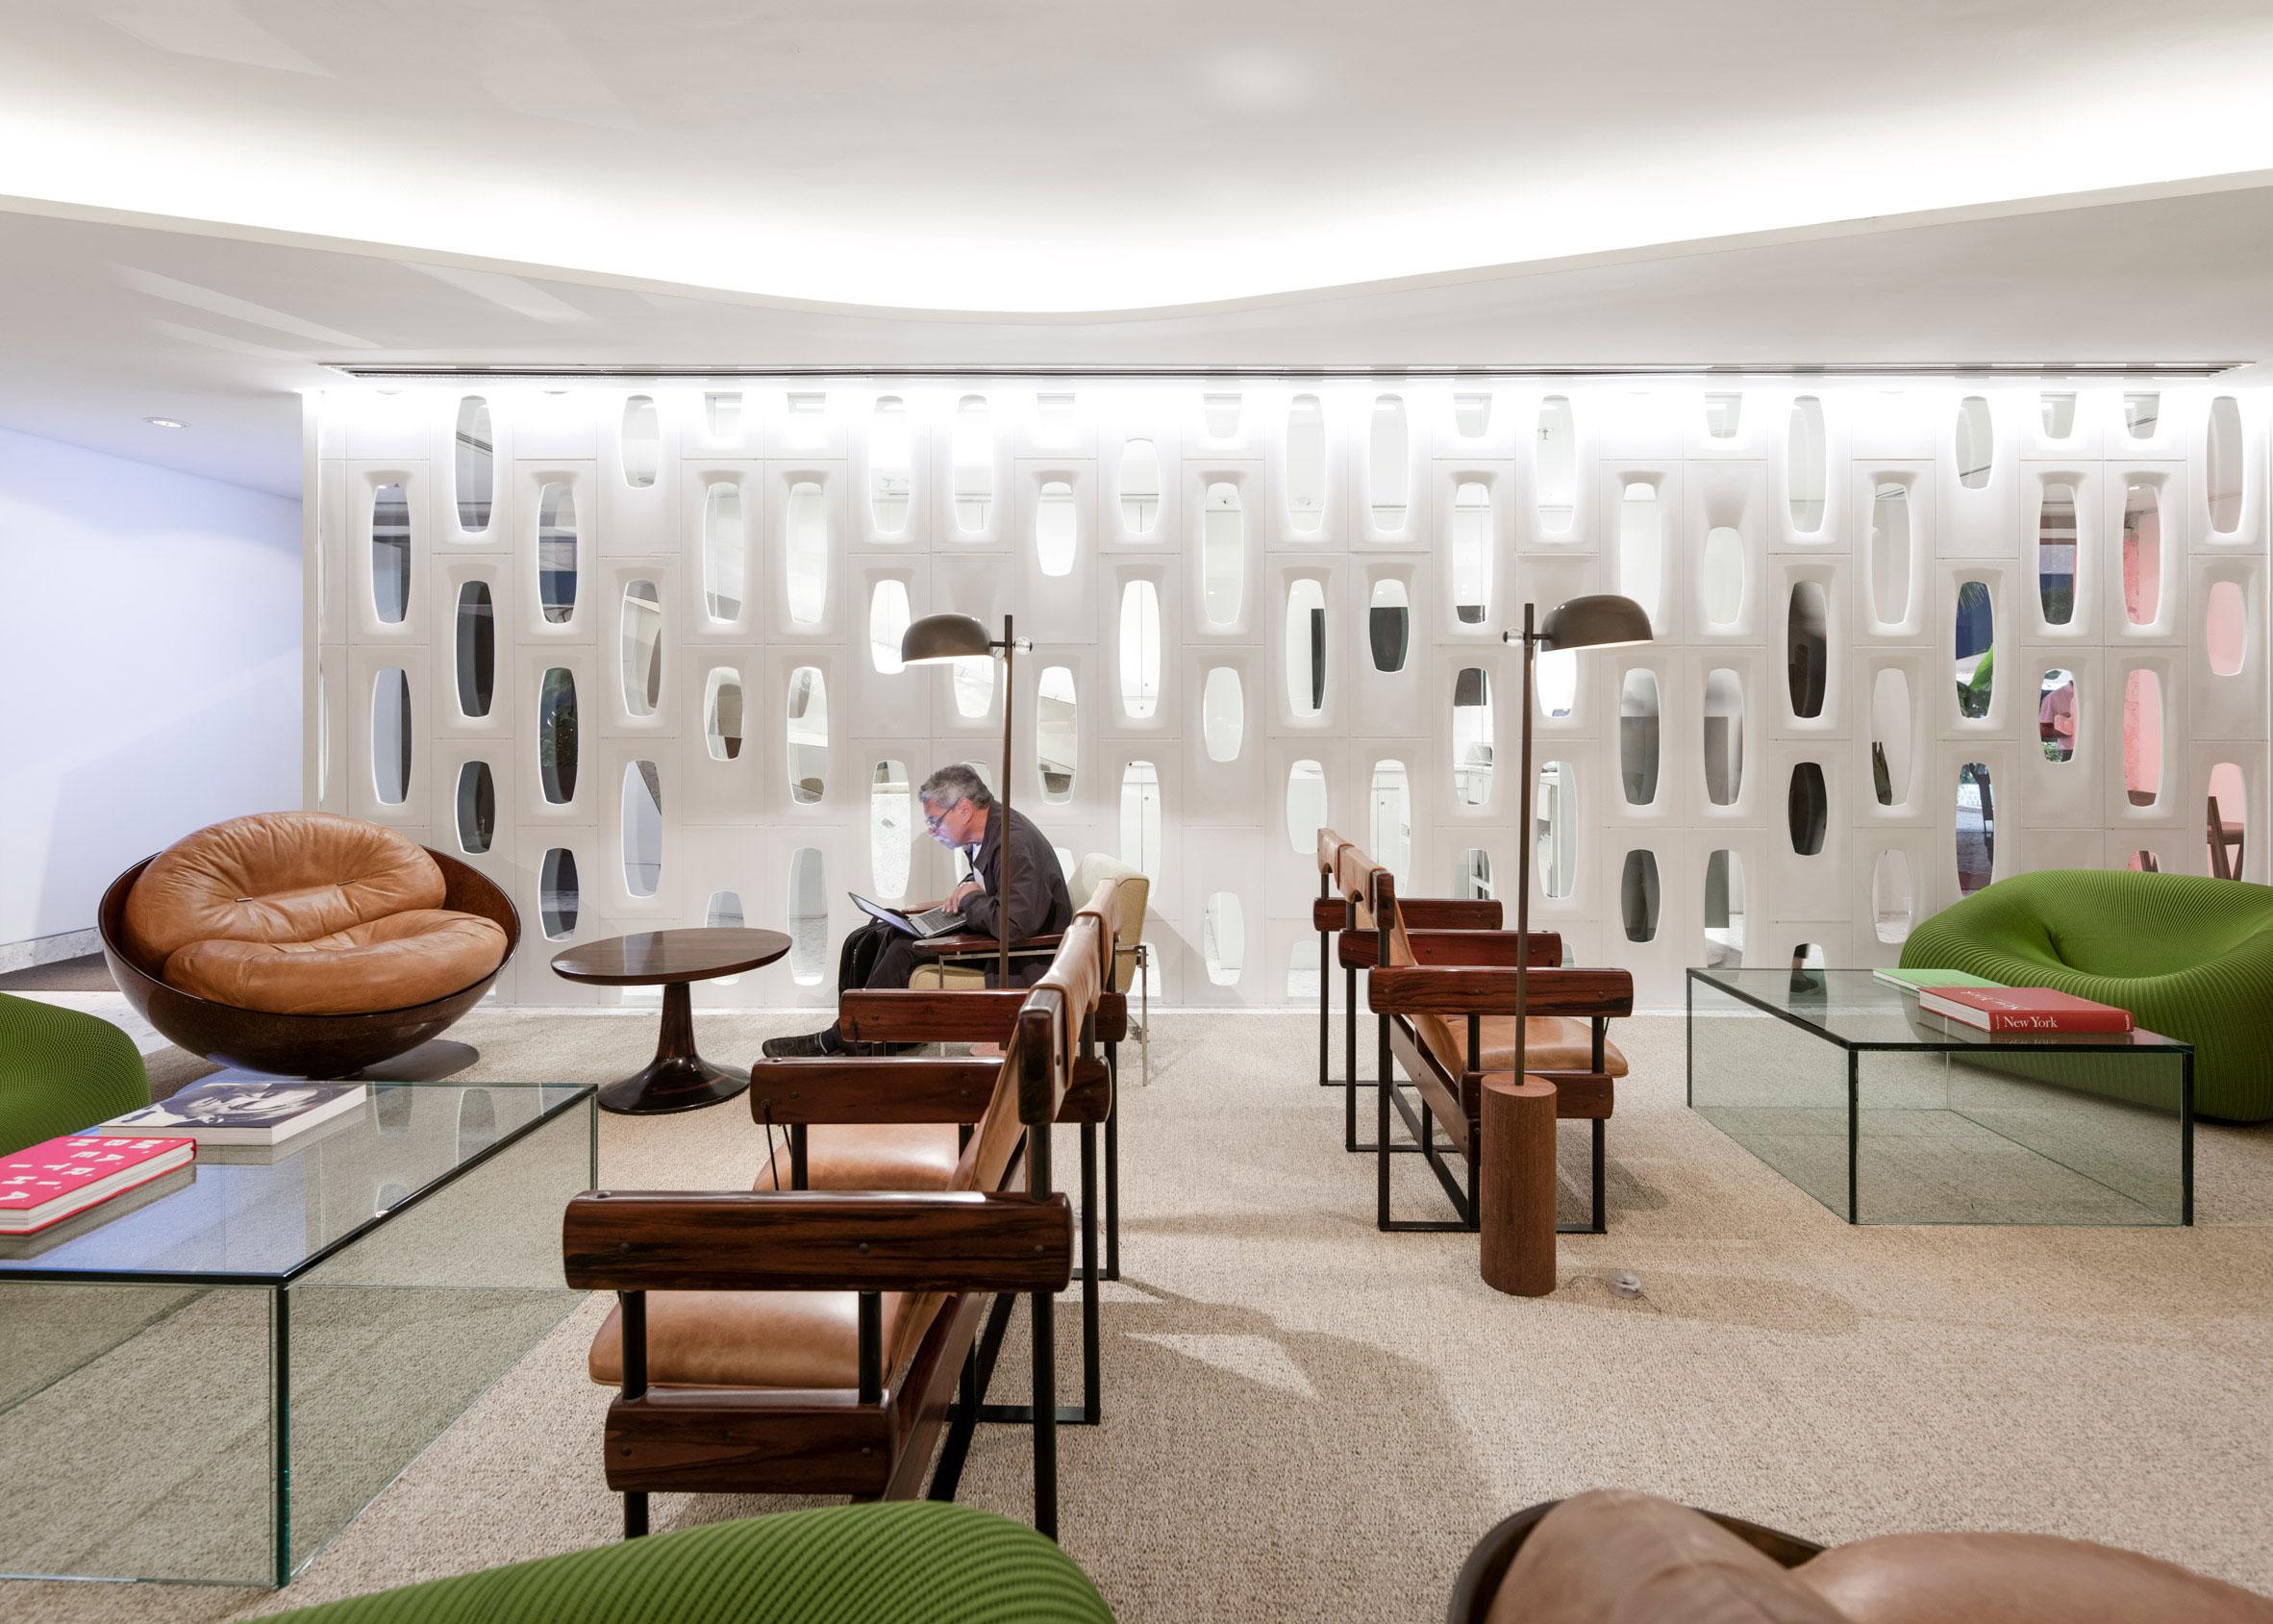 Emiliano Hotel, Brazil, by Oppenheim Architecture and Studio Arthur Casas